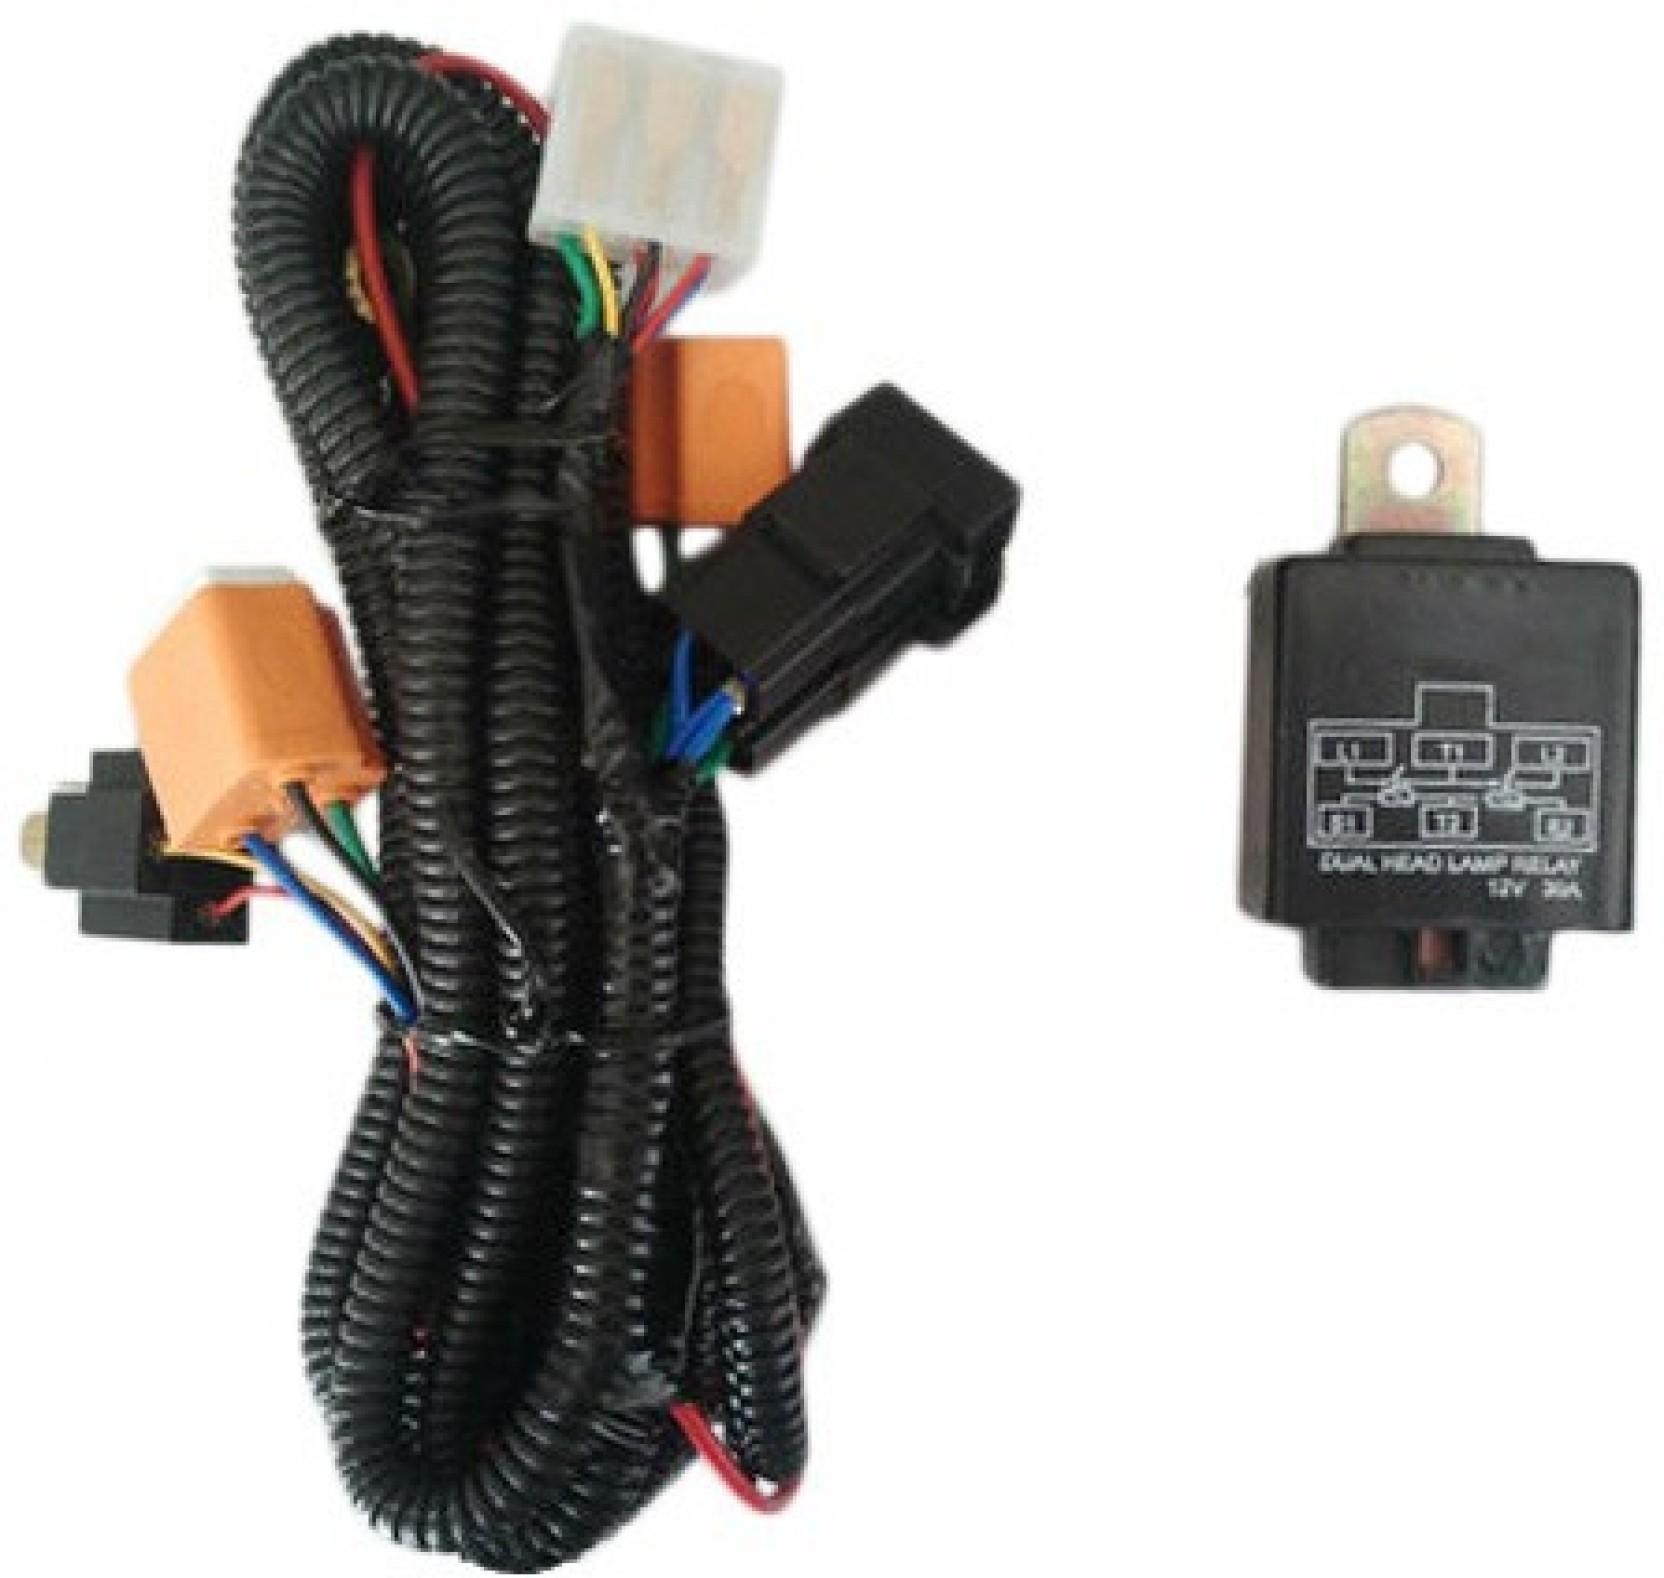 Bosch Led Headlight For Maruti Suzuki Celerio Price In India Buy Wire Harness Share